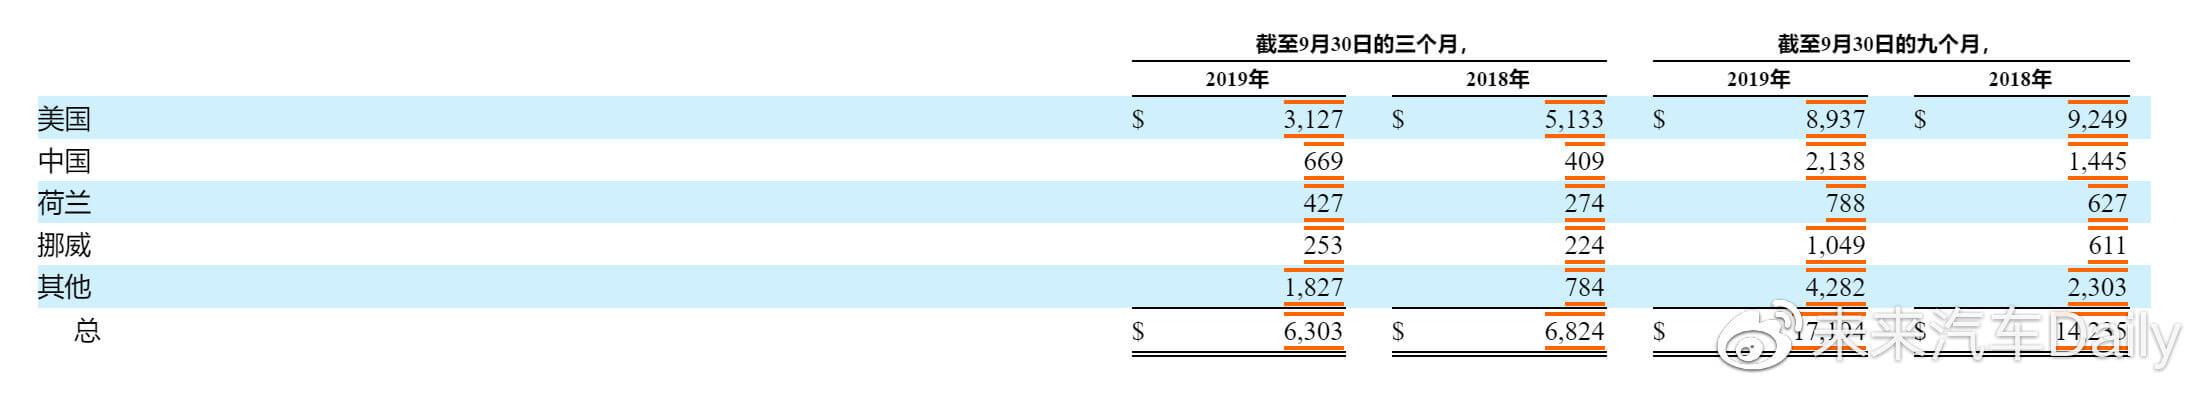 中美市场大反差:特斯拉Q3在美营收降39%,在华营收增64%